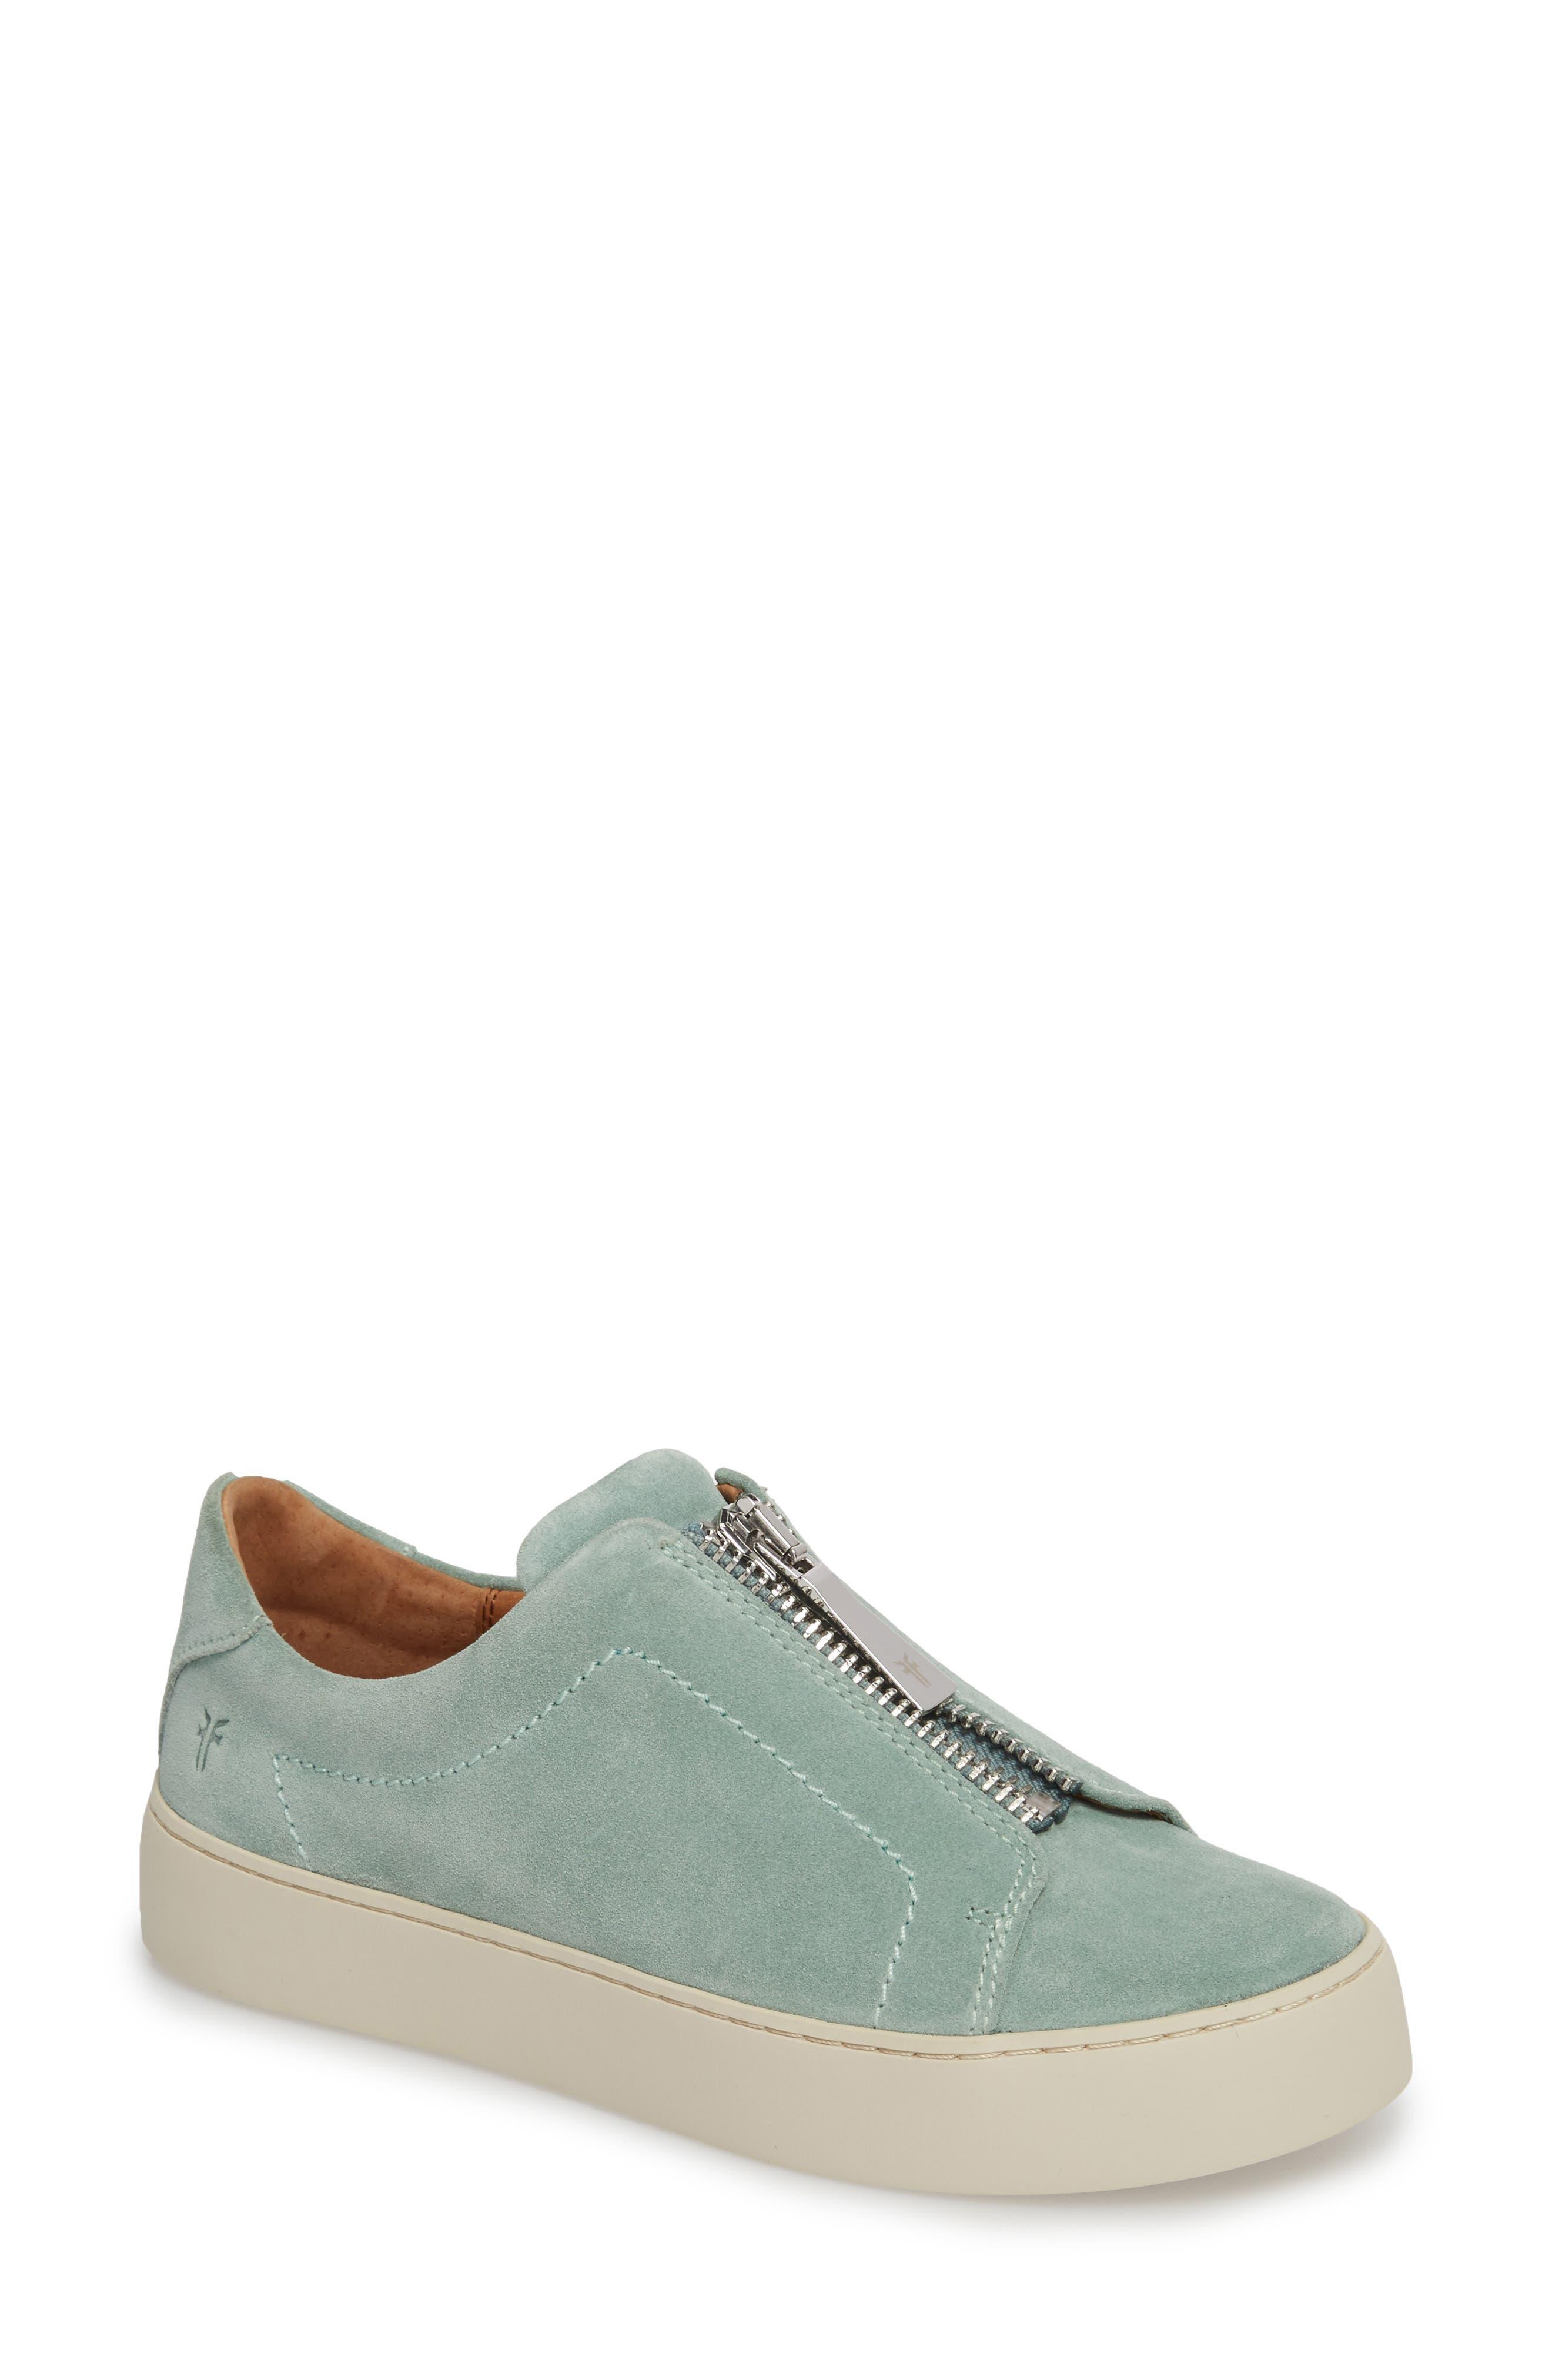 Lena Zip Sneaker,                         Main,                         color, MINT SUEDE